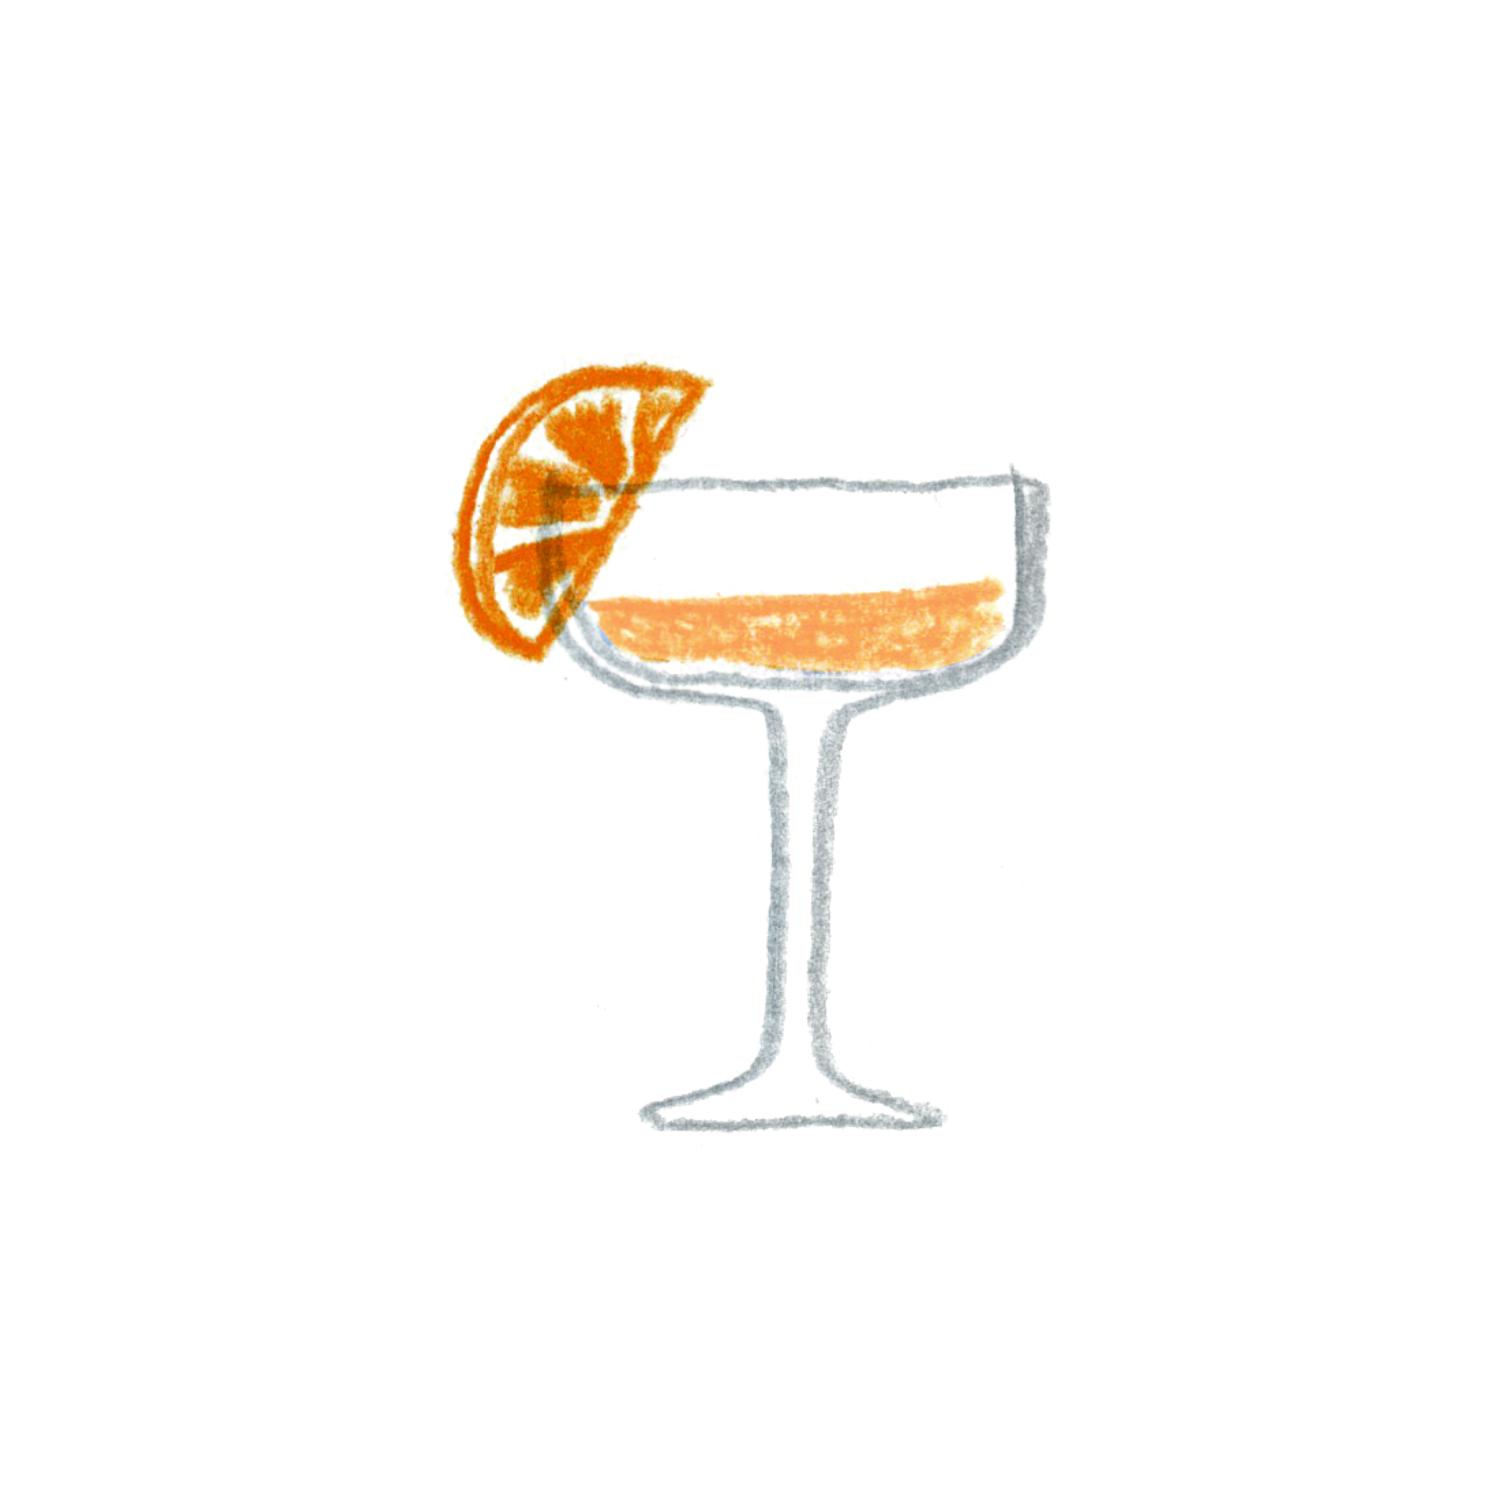 C:オレンジ色のカクテル